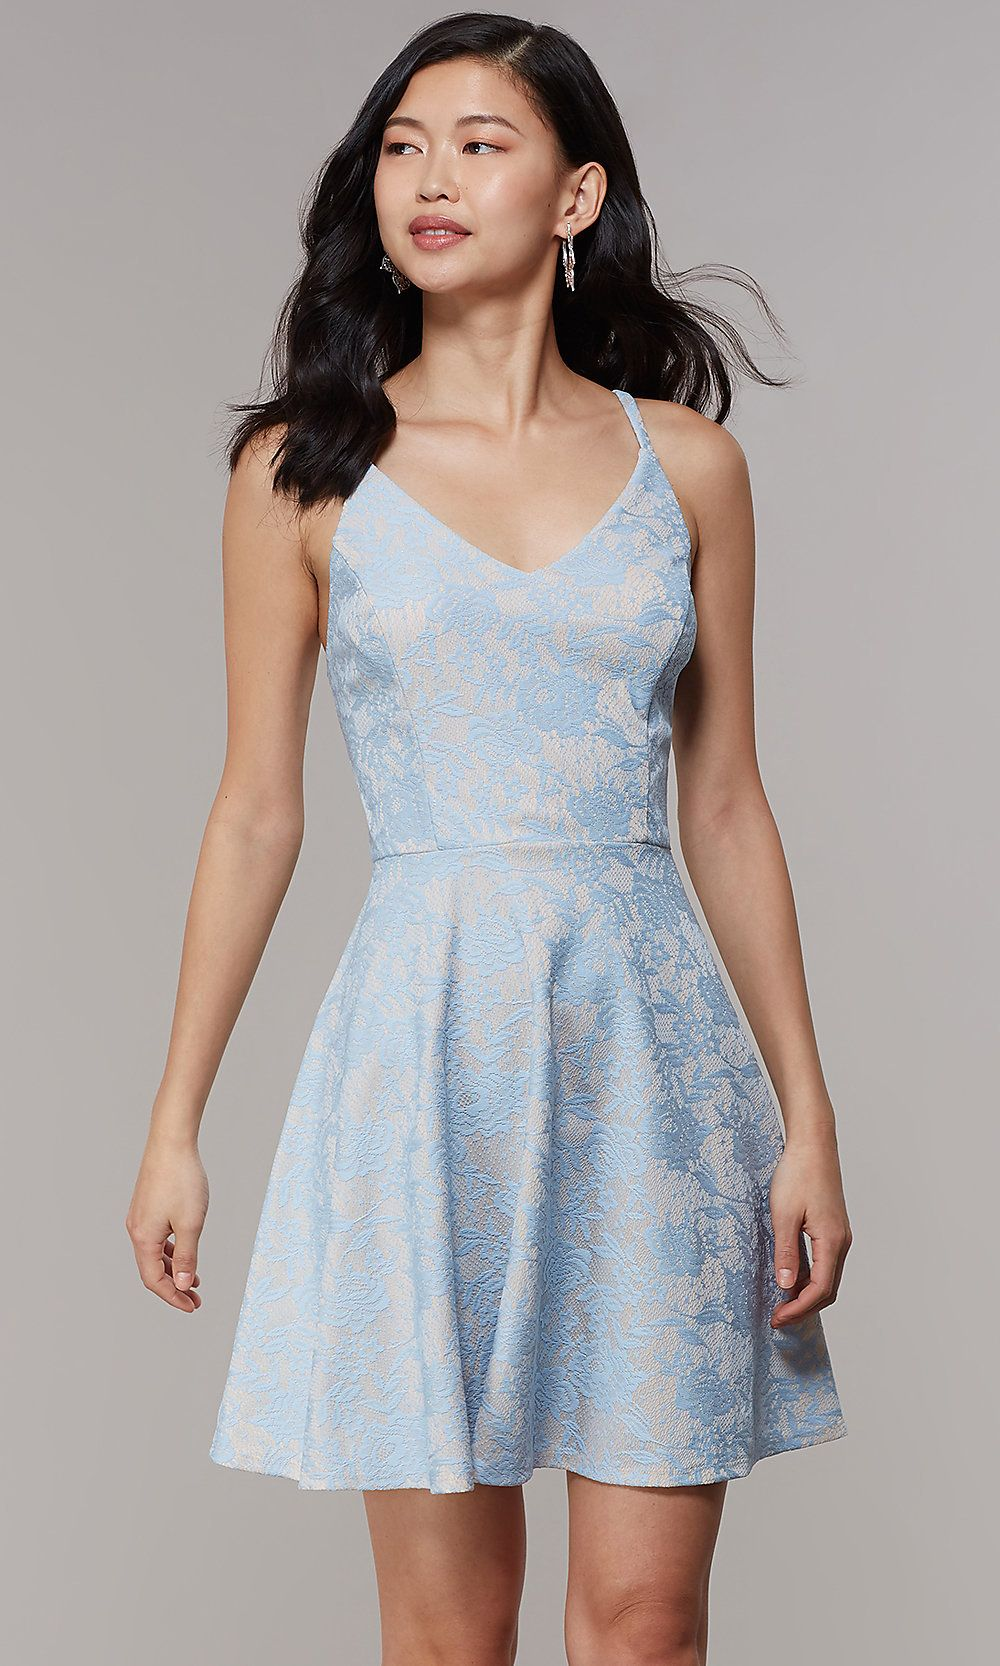 f4a1d3dce00 Short Lace V-Neck A-Line Graduation Party Dress